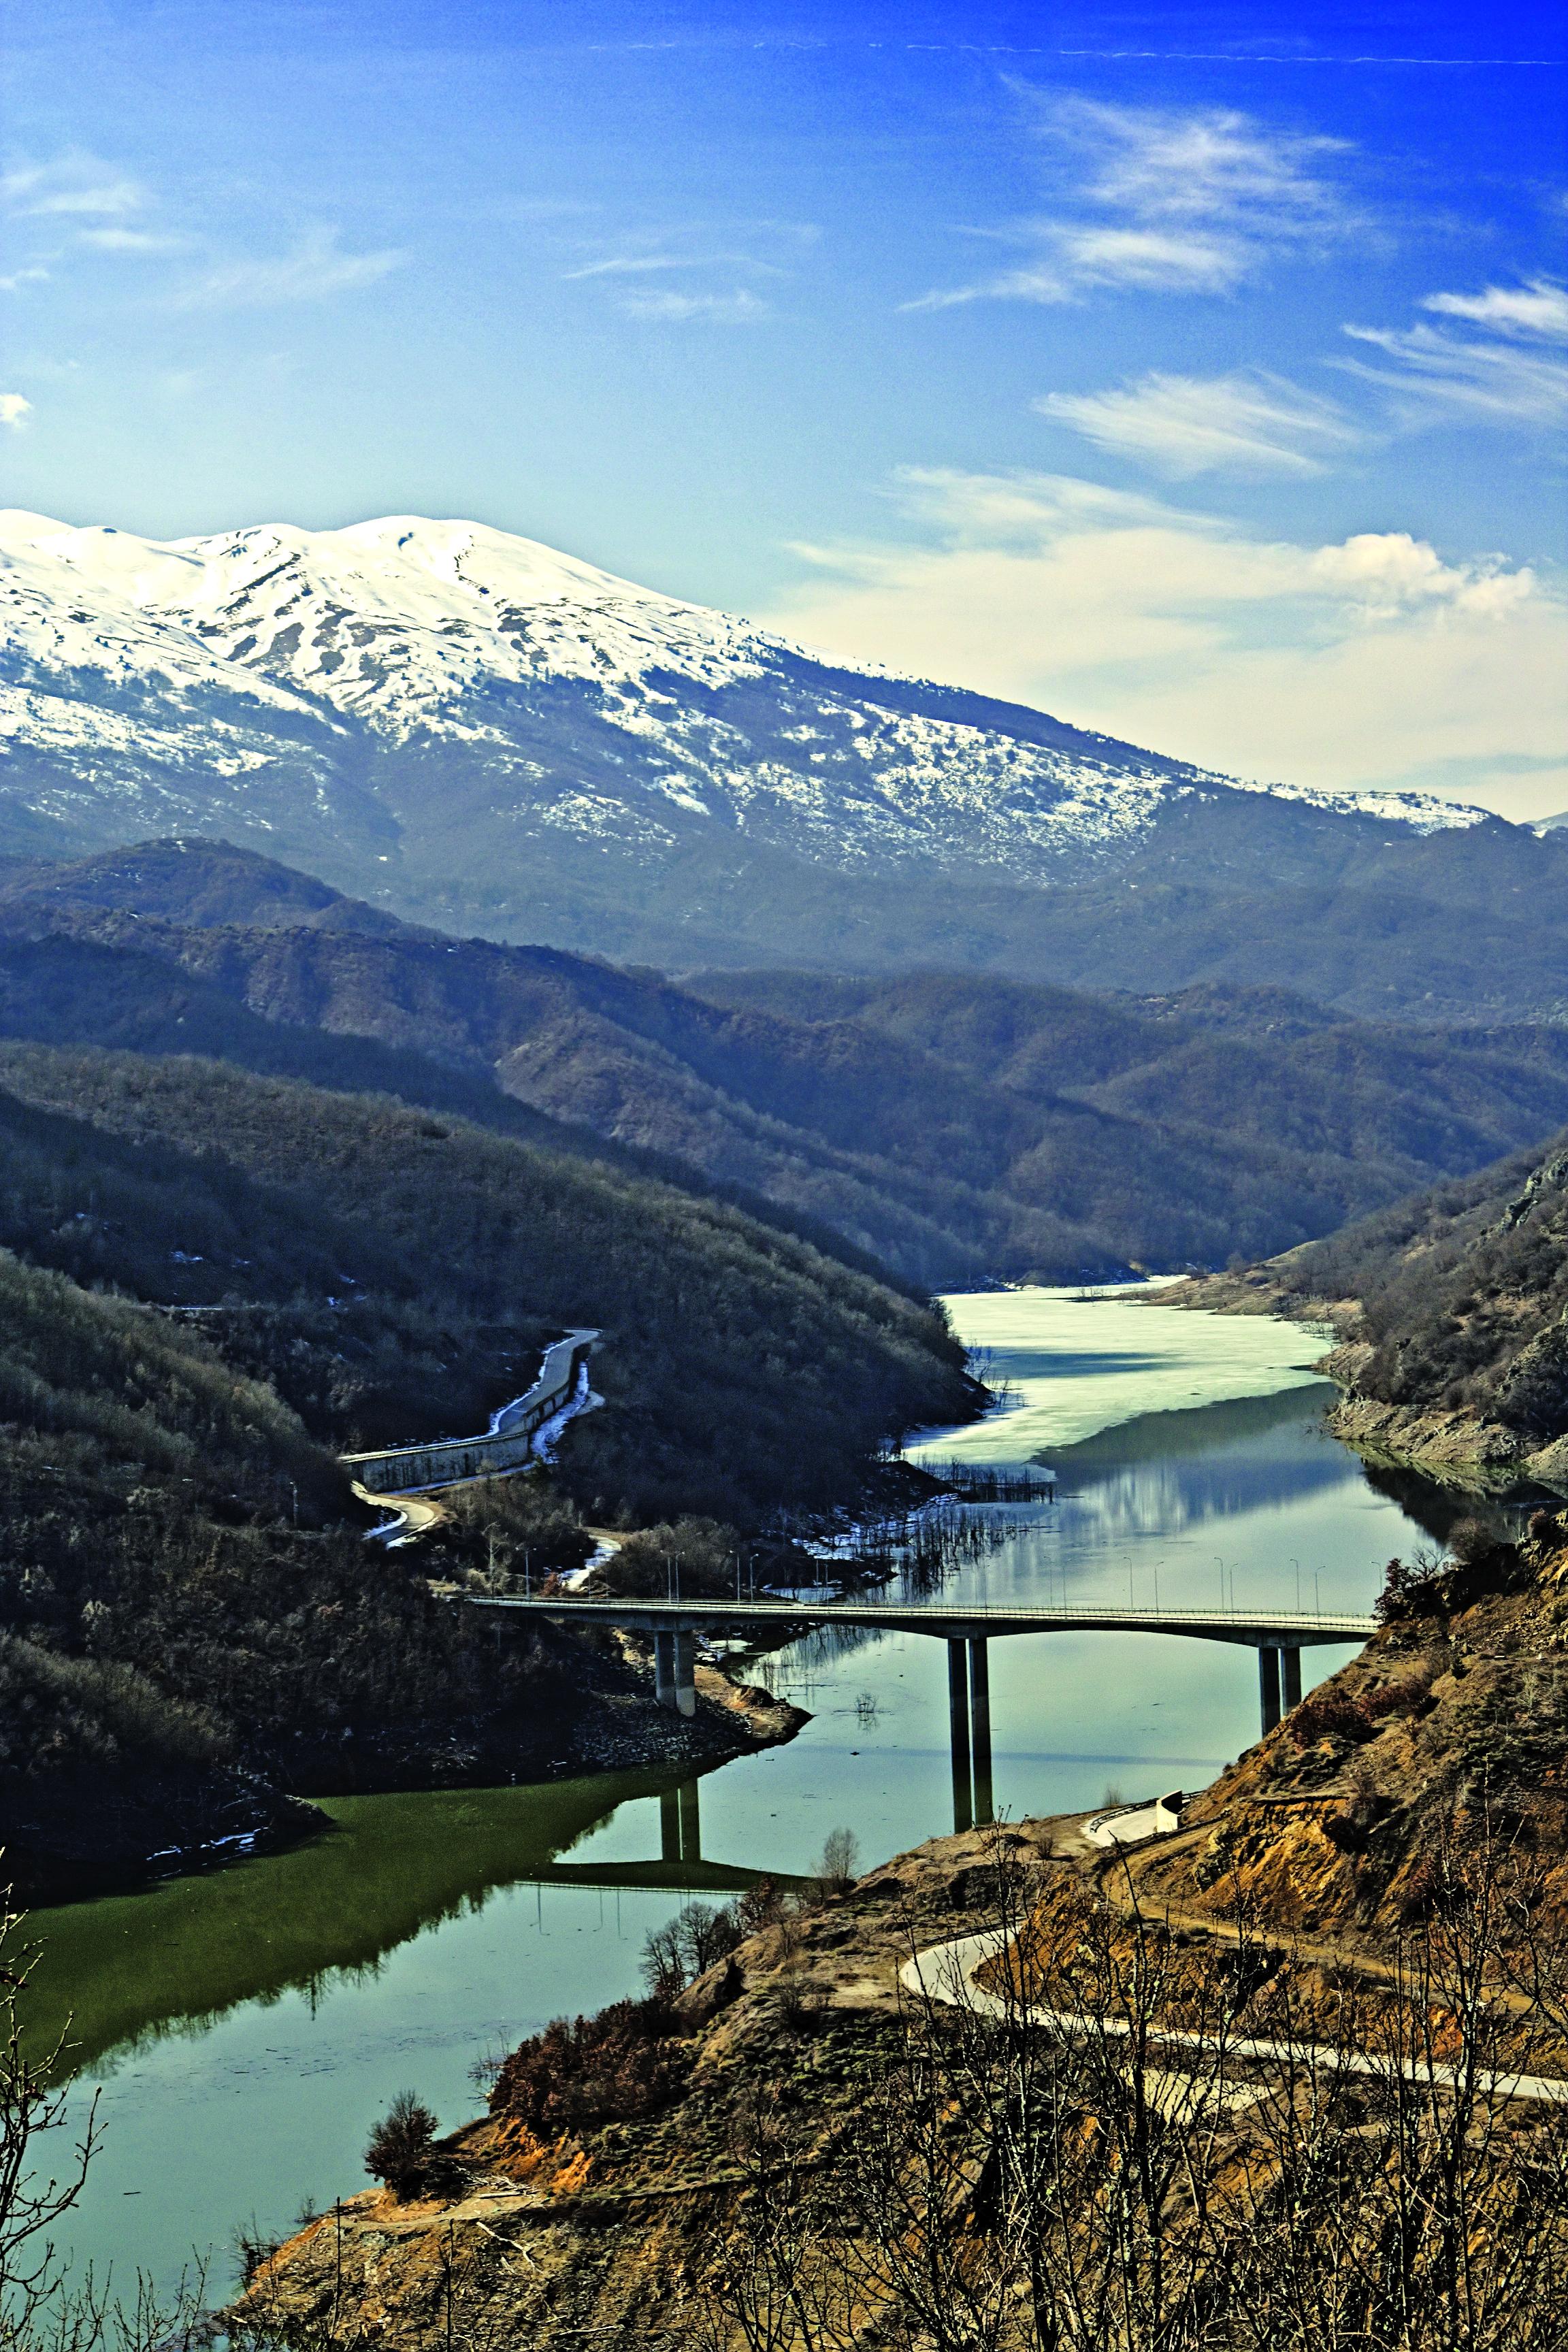 Ράφτινγκ στην Ελλάδα; Τα 10 καλύτερα μέρη για να το απολαύσετε!